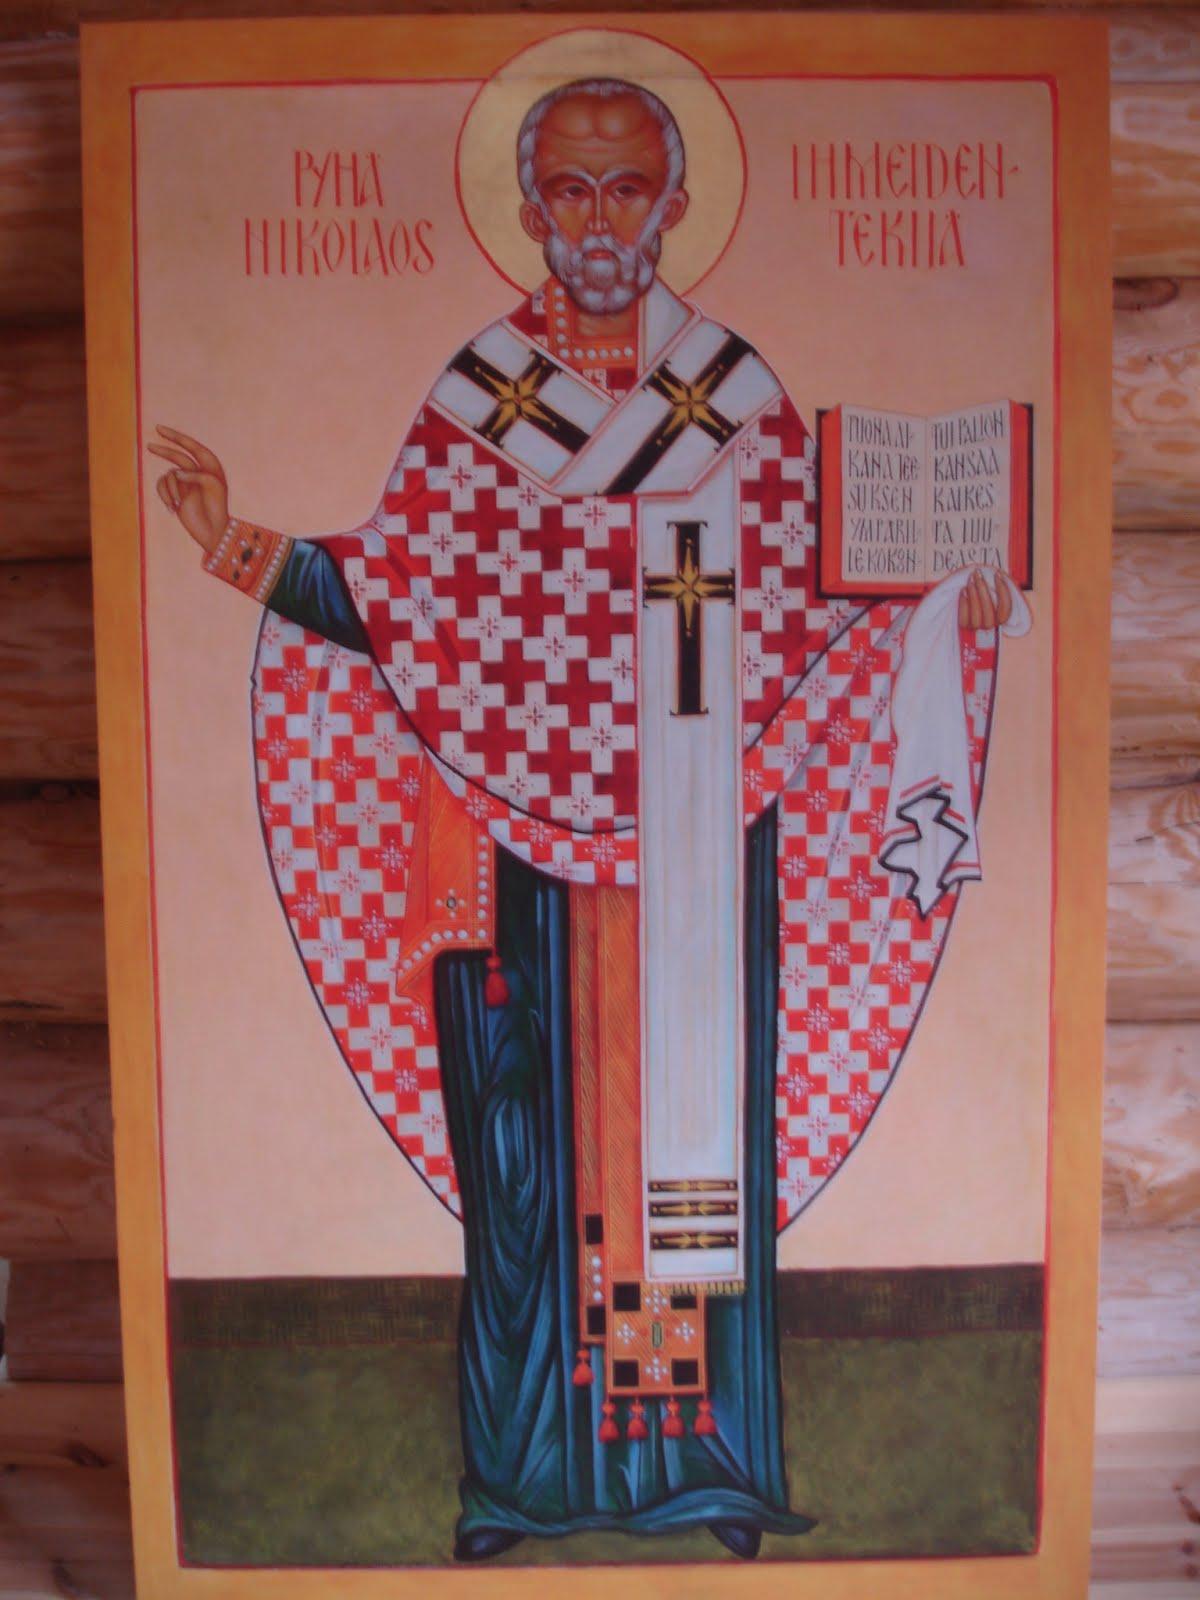 Pyhä Nikolaos, tsasounan nimikkopyhimys, lasten, matkailijoiden ja merimiesten suojelija